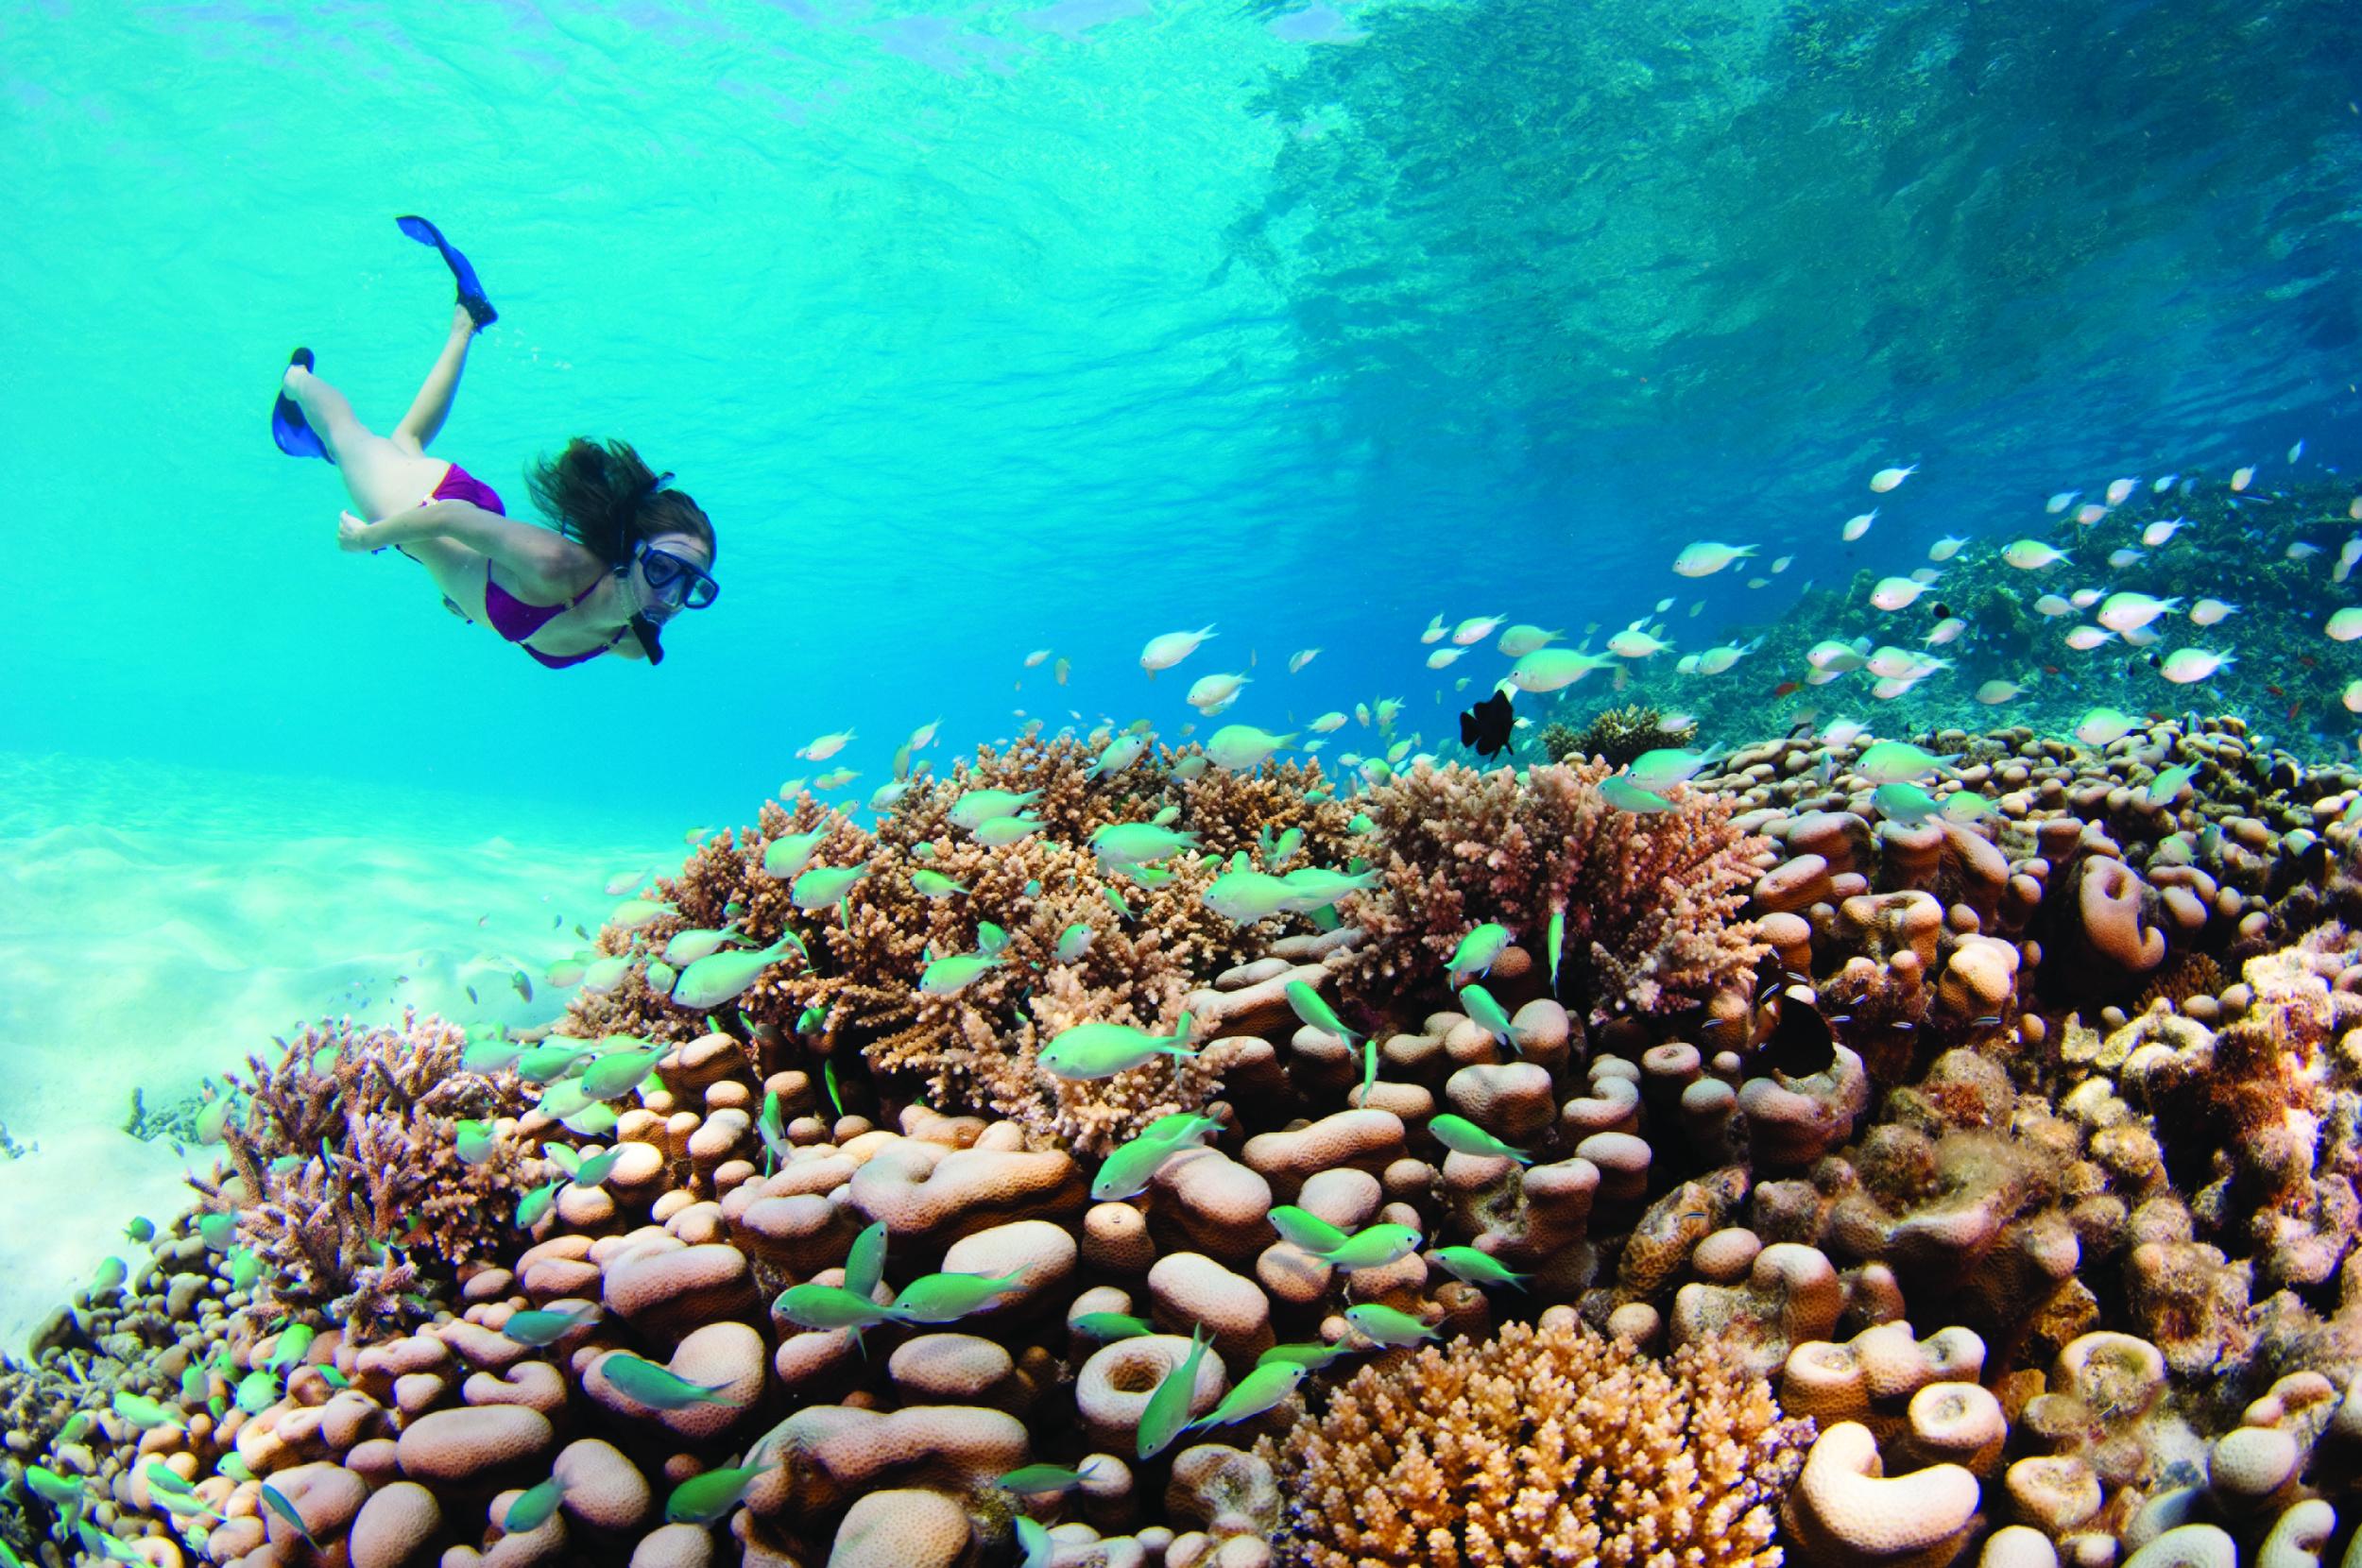 Diving at Kuda Huraa